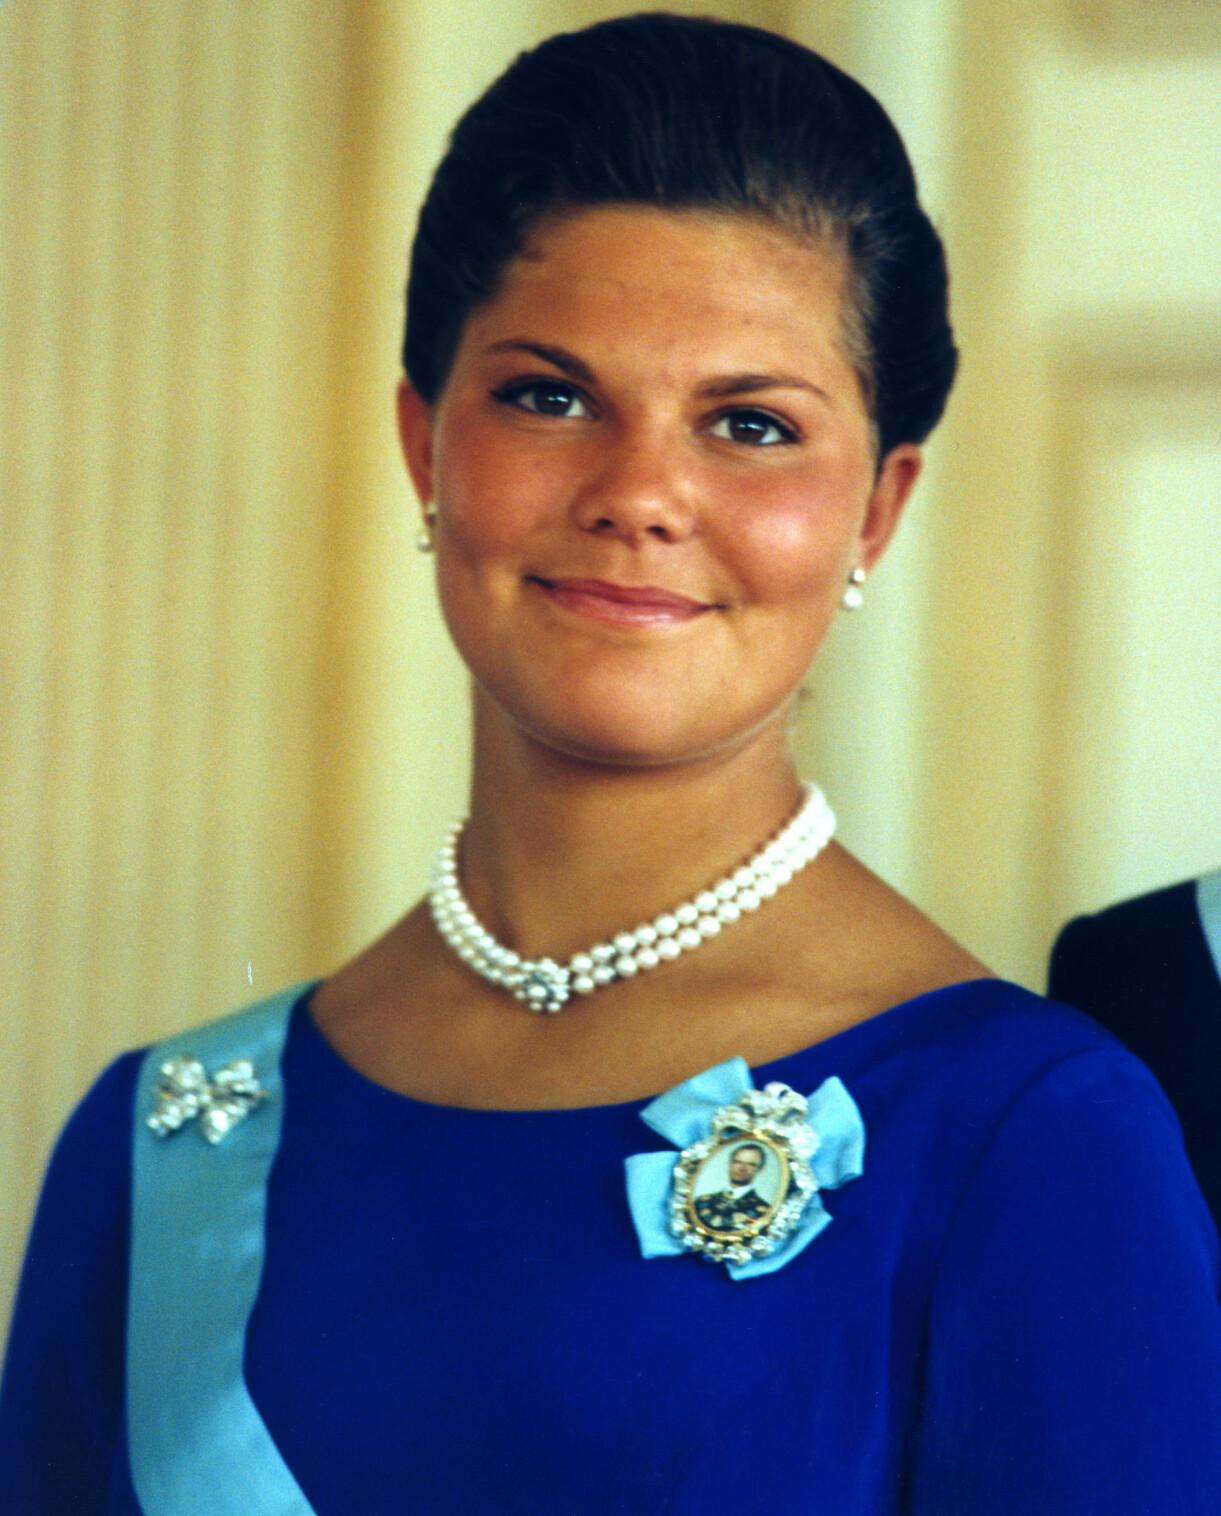 Kronprinsessan Victoria på sin 18-årsdag 1995.